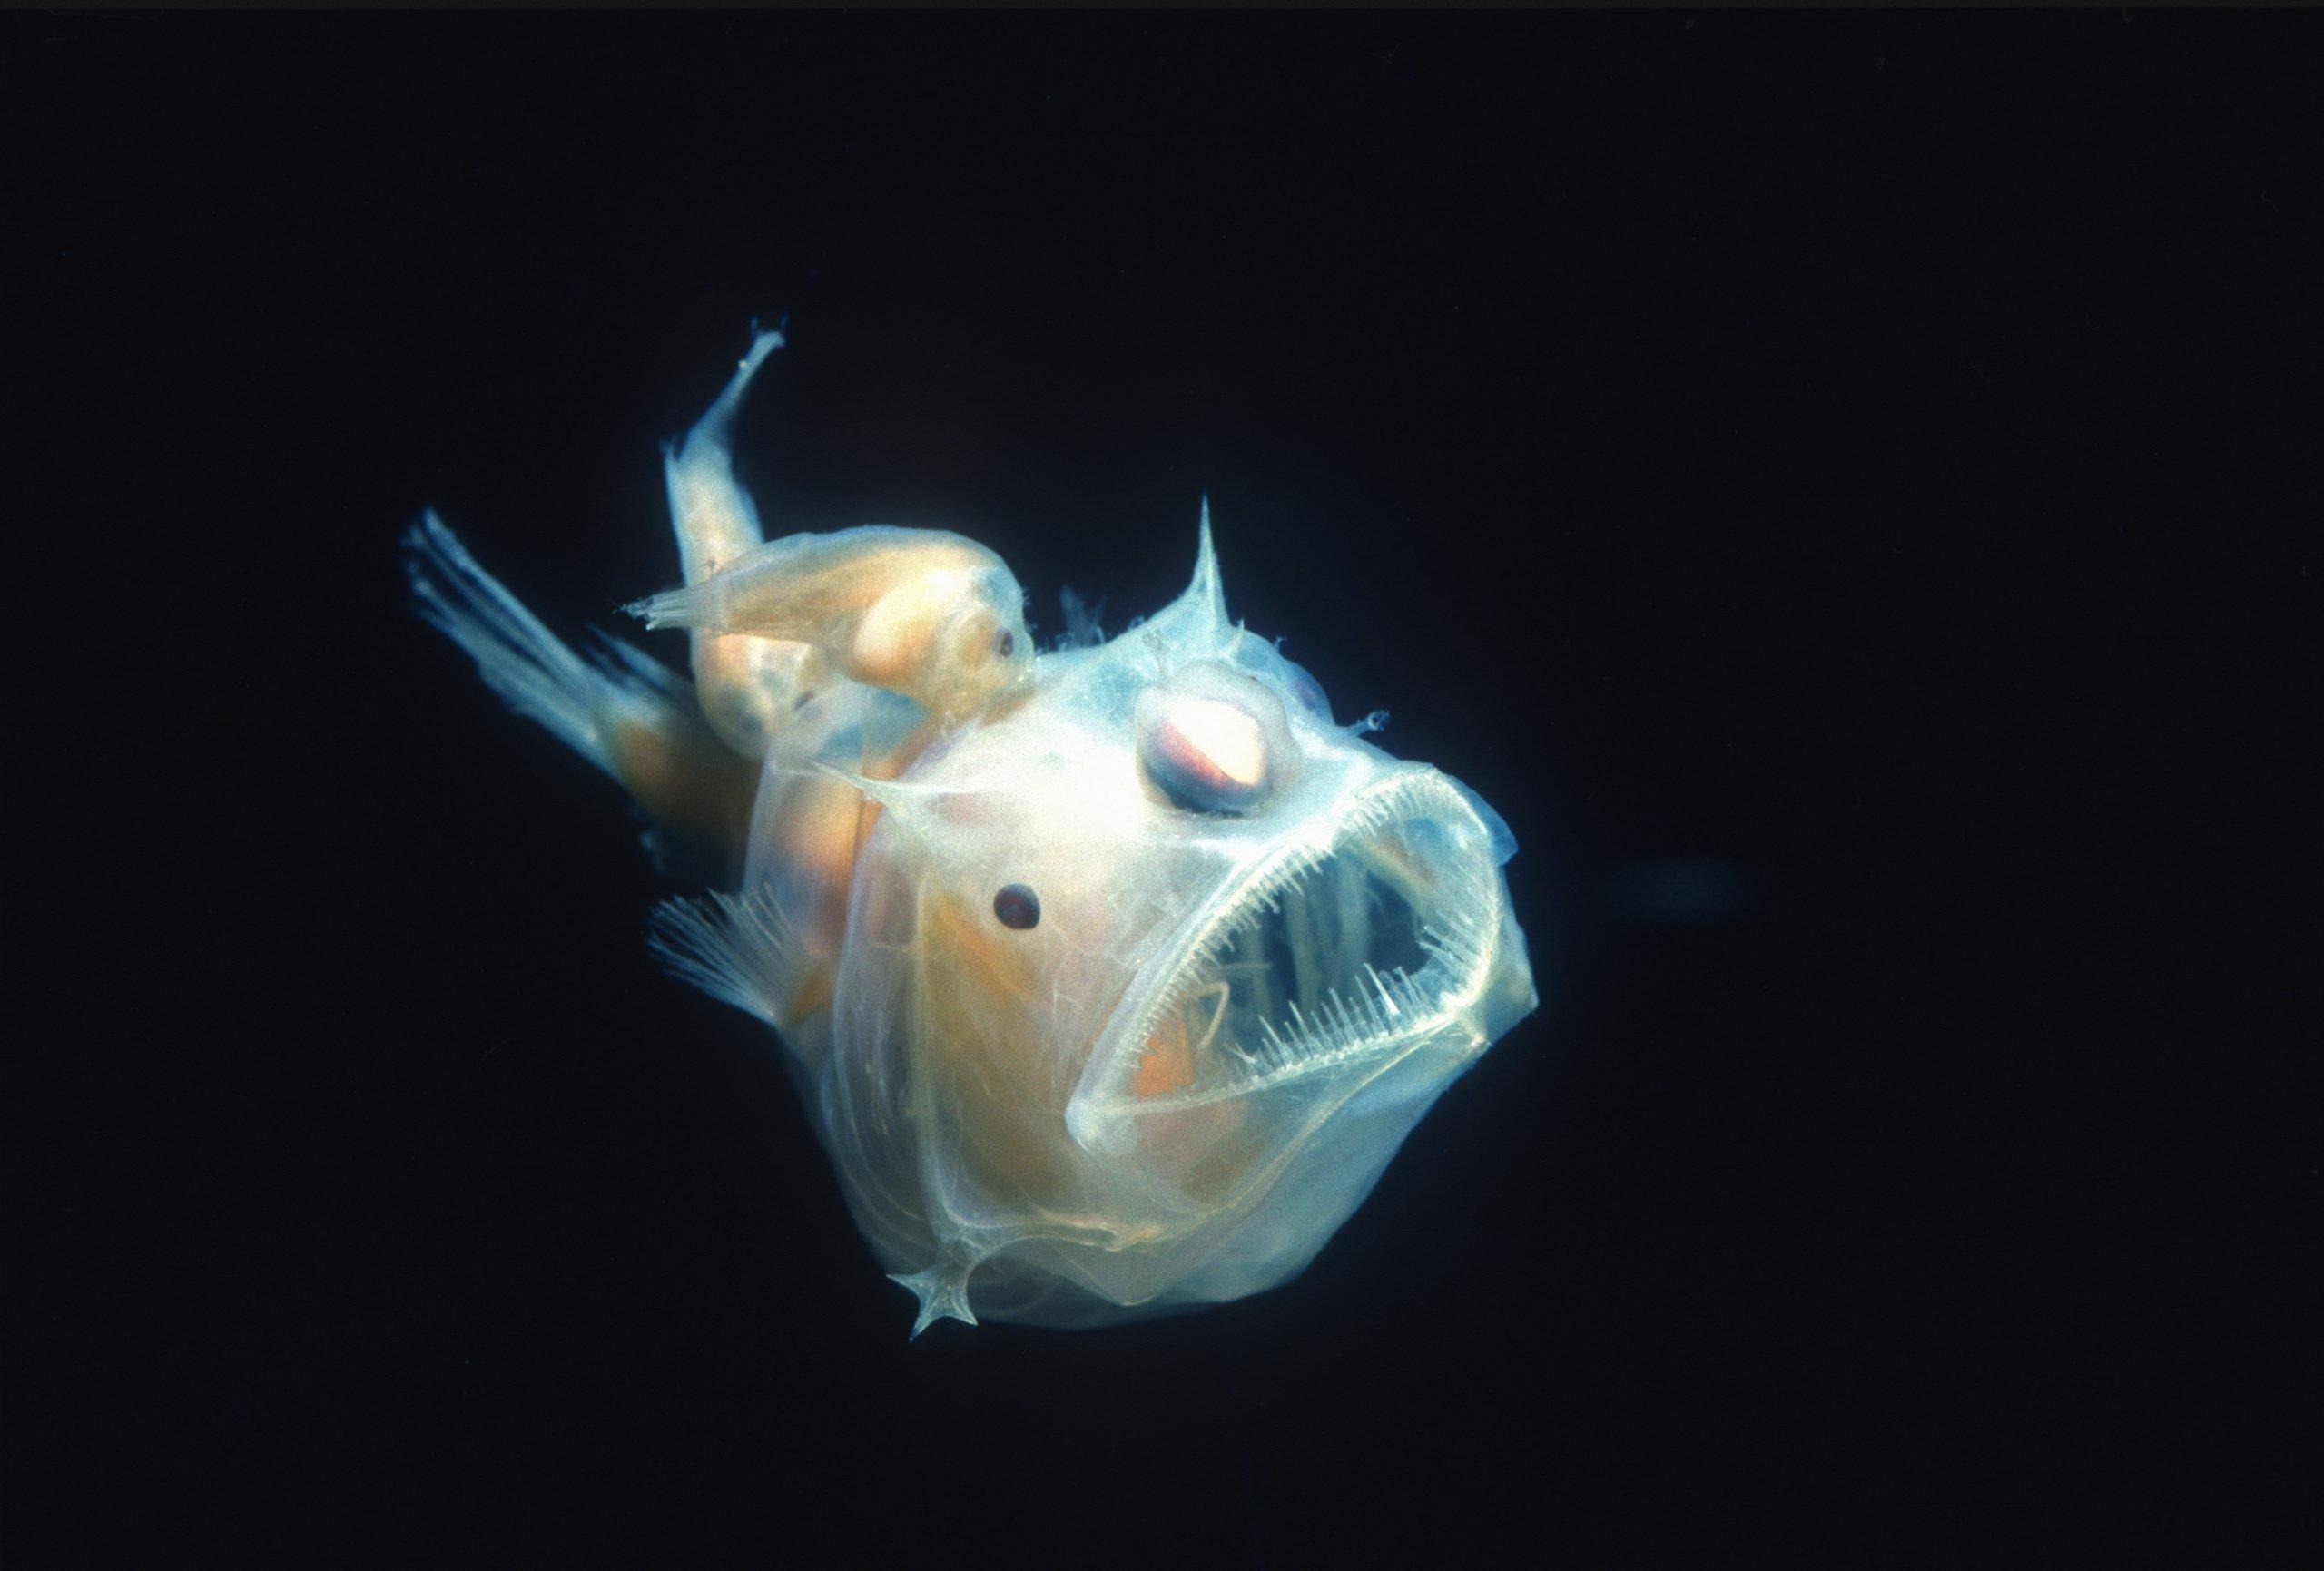 anglerfish eating